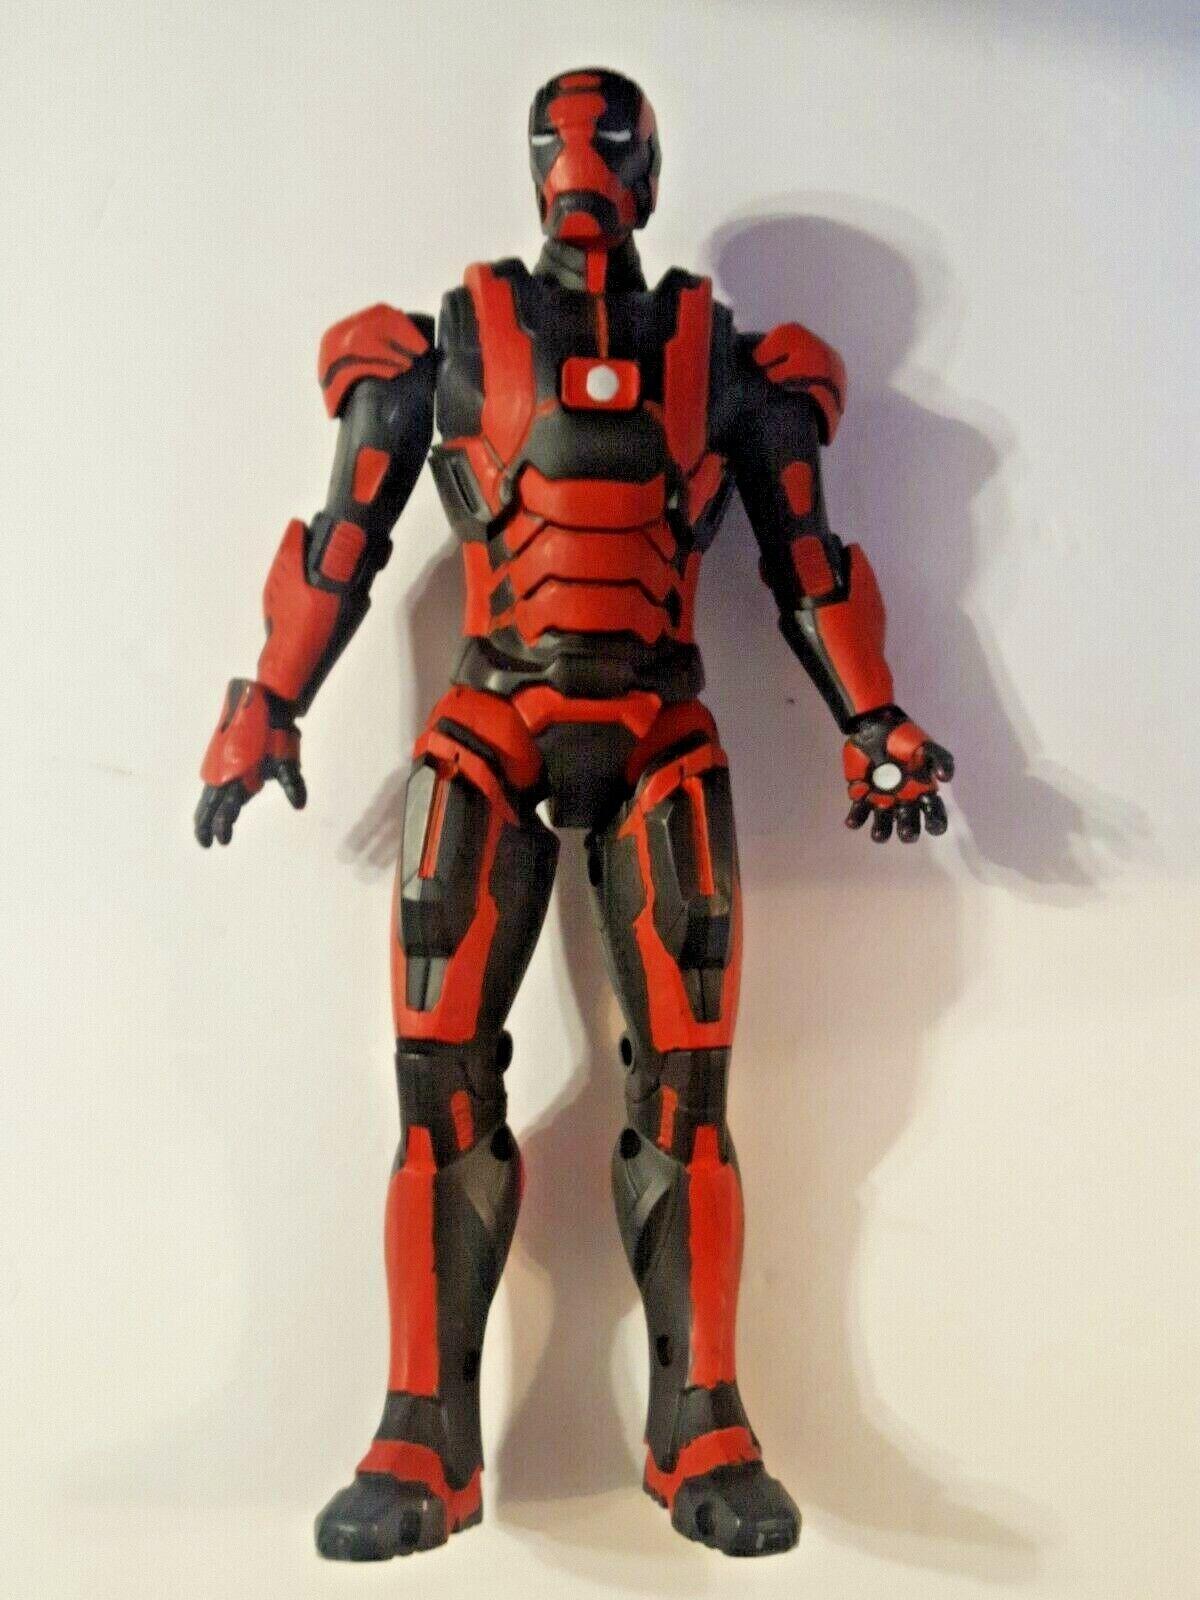 IRON MAN Iron Patriot Arc Strike MAROON Action Figure A1955, C-023E, HTF